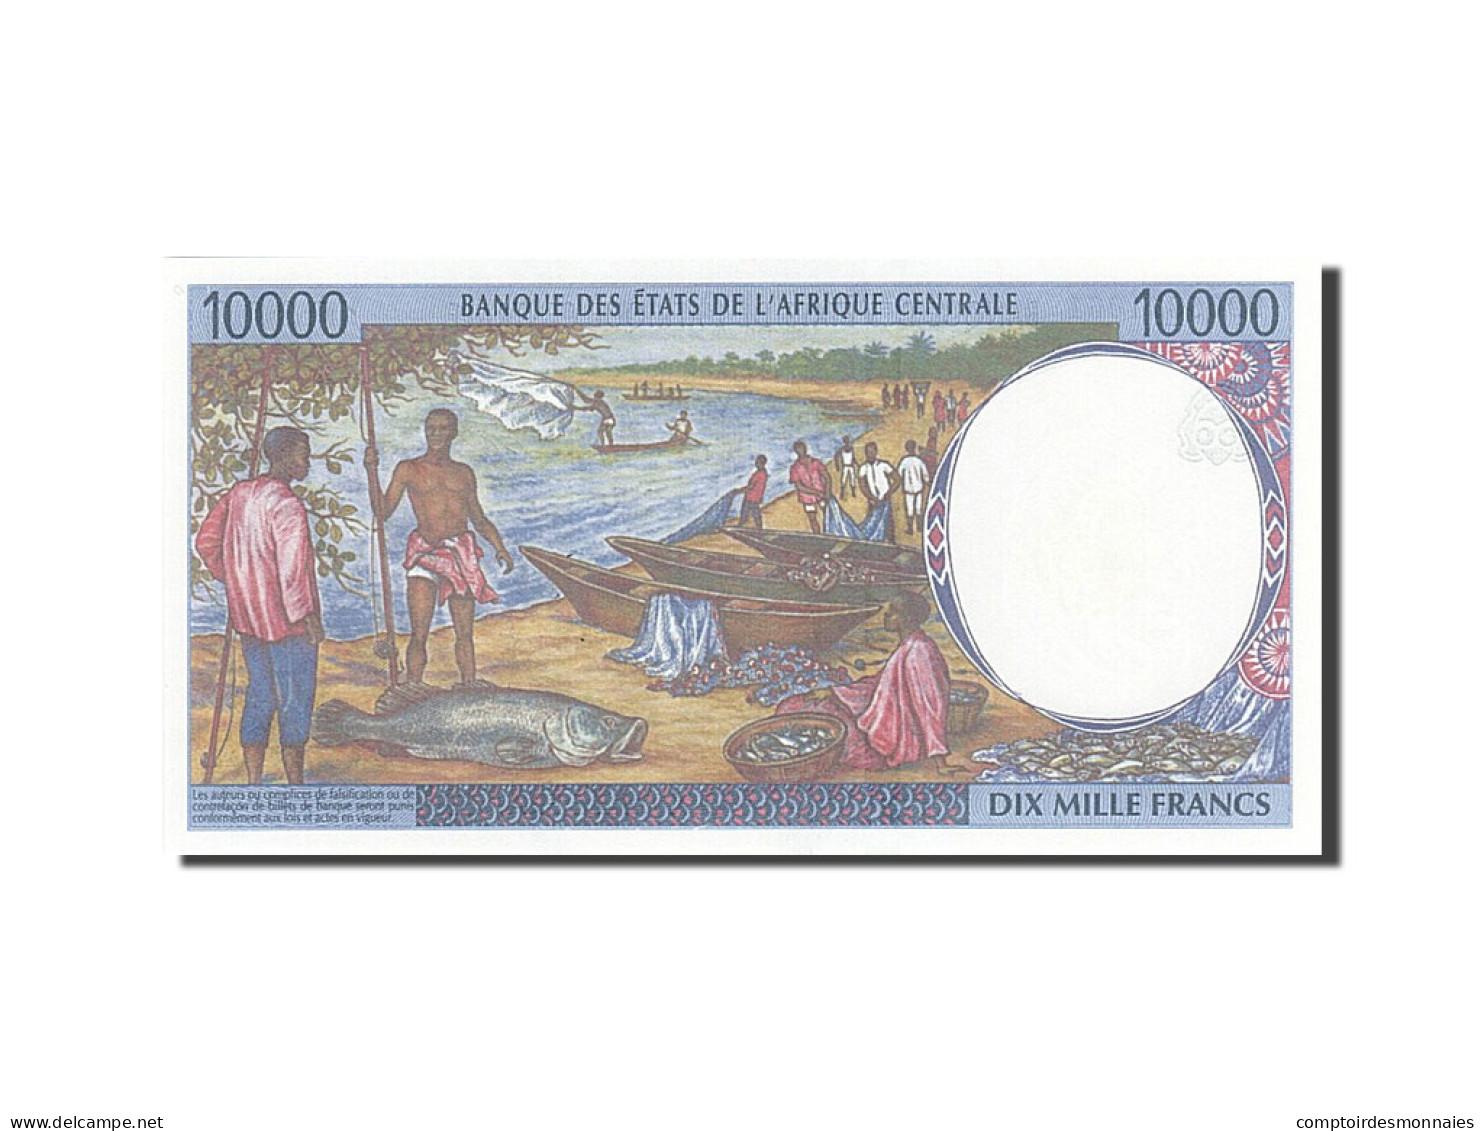 États De L'Afrique Centrale, Tchad, 10,000 Francs,1993-1994, 1999,KM:605Pe, SPL+ - Chad